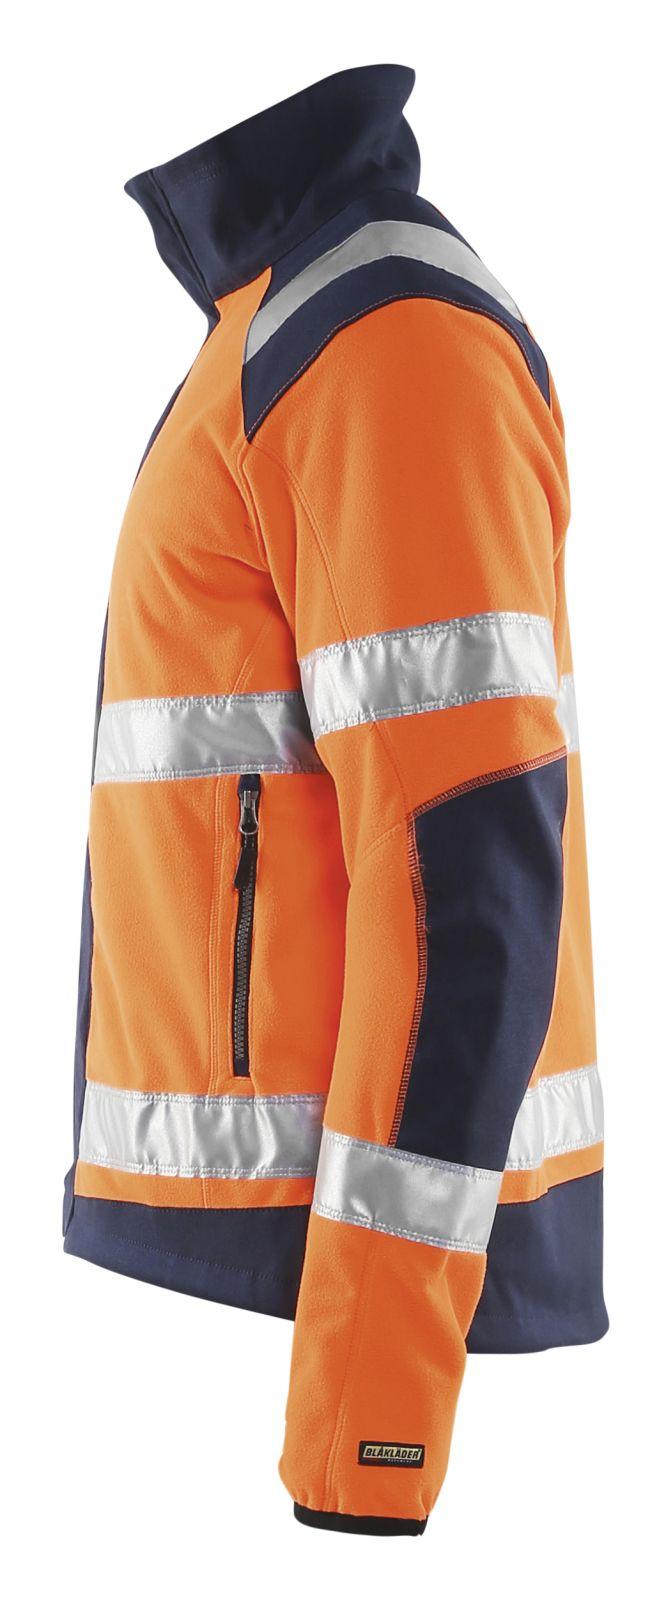 Blaklader Fleece jassen 48882524 High Vis oranje-marineblauw(5389)